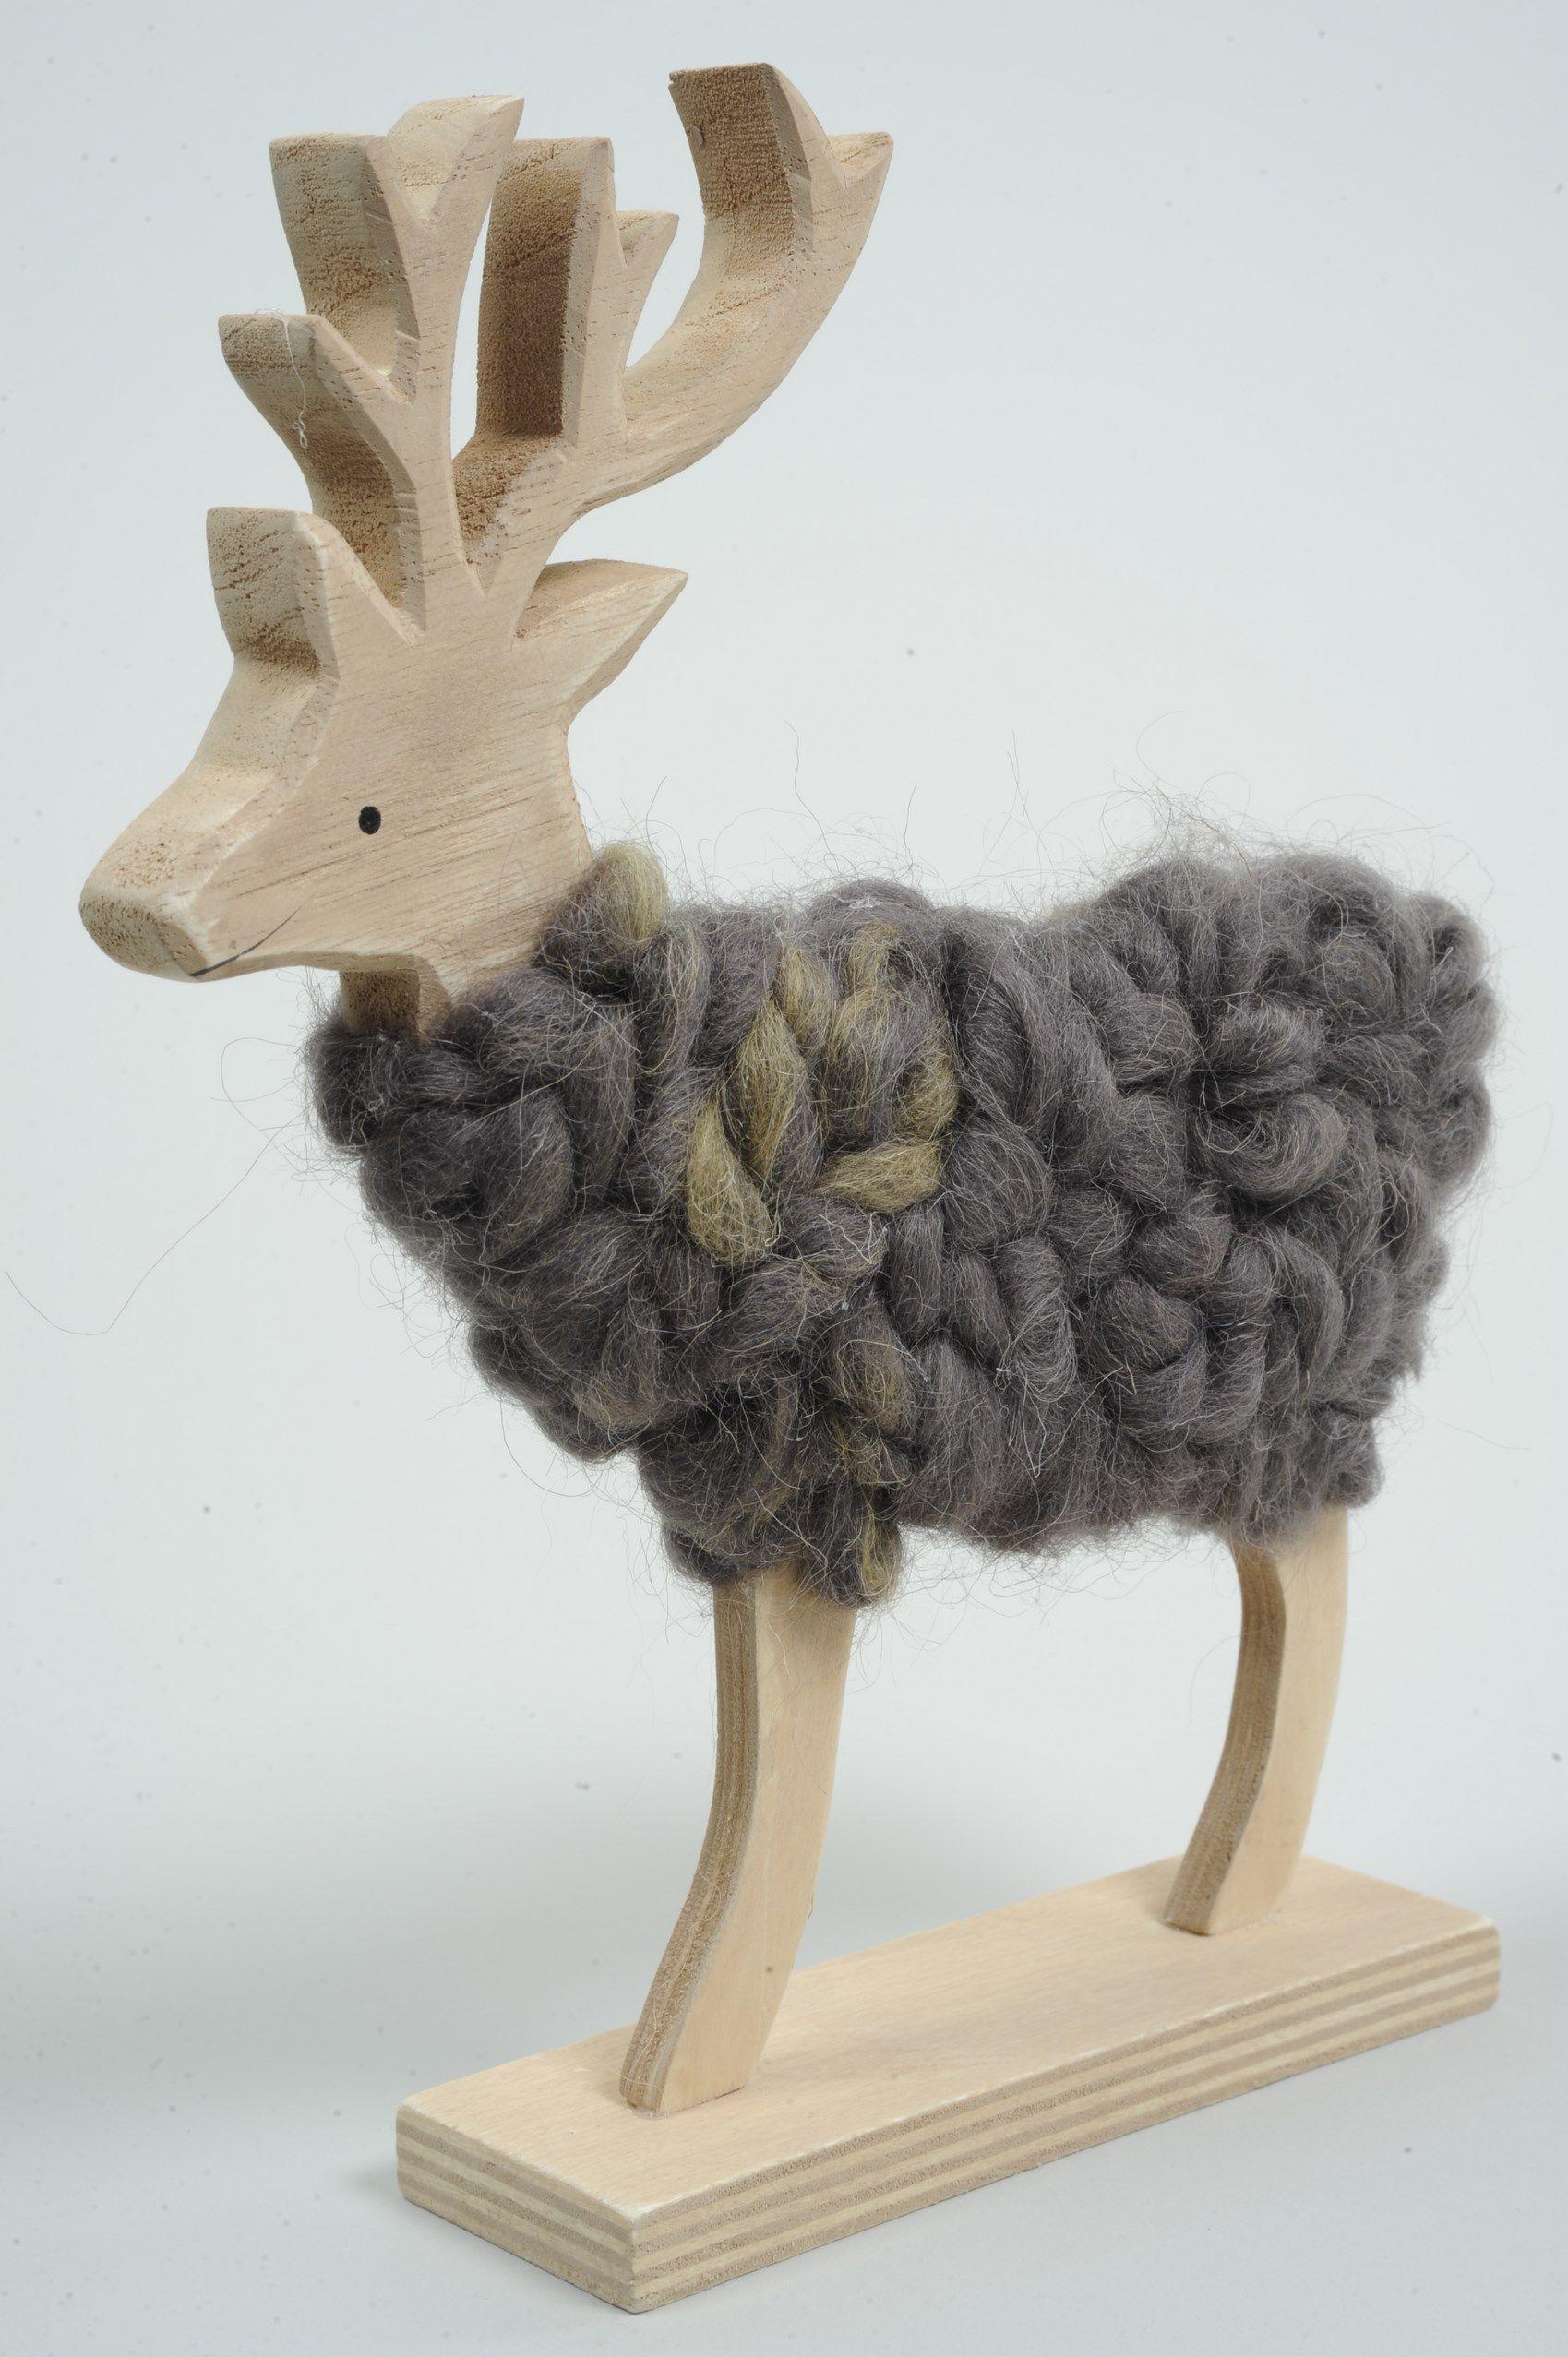 decoration de noel renne en bois. Black Bedroom Furniture Sets. Home Design Ideas